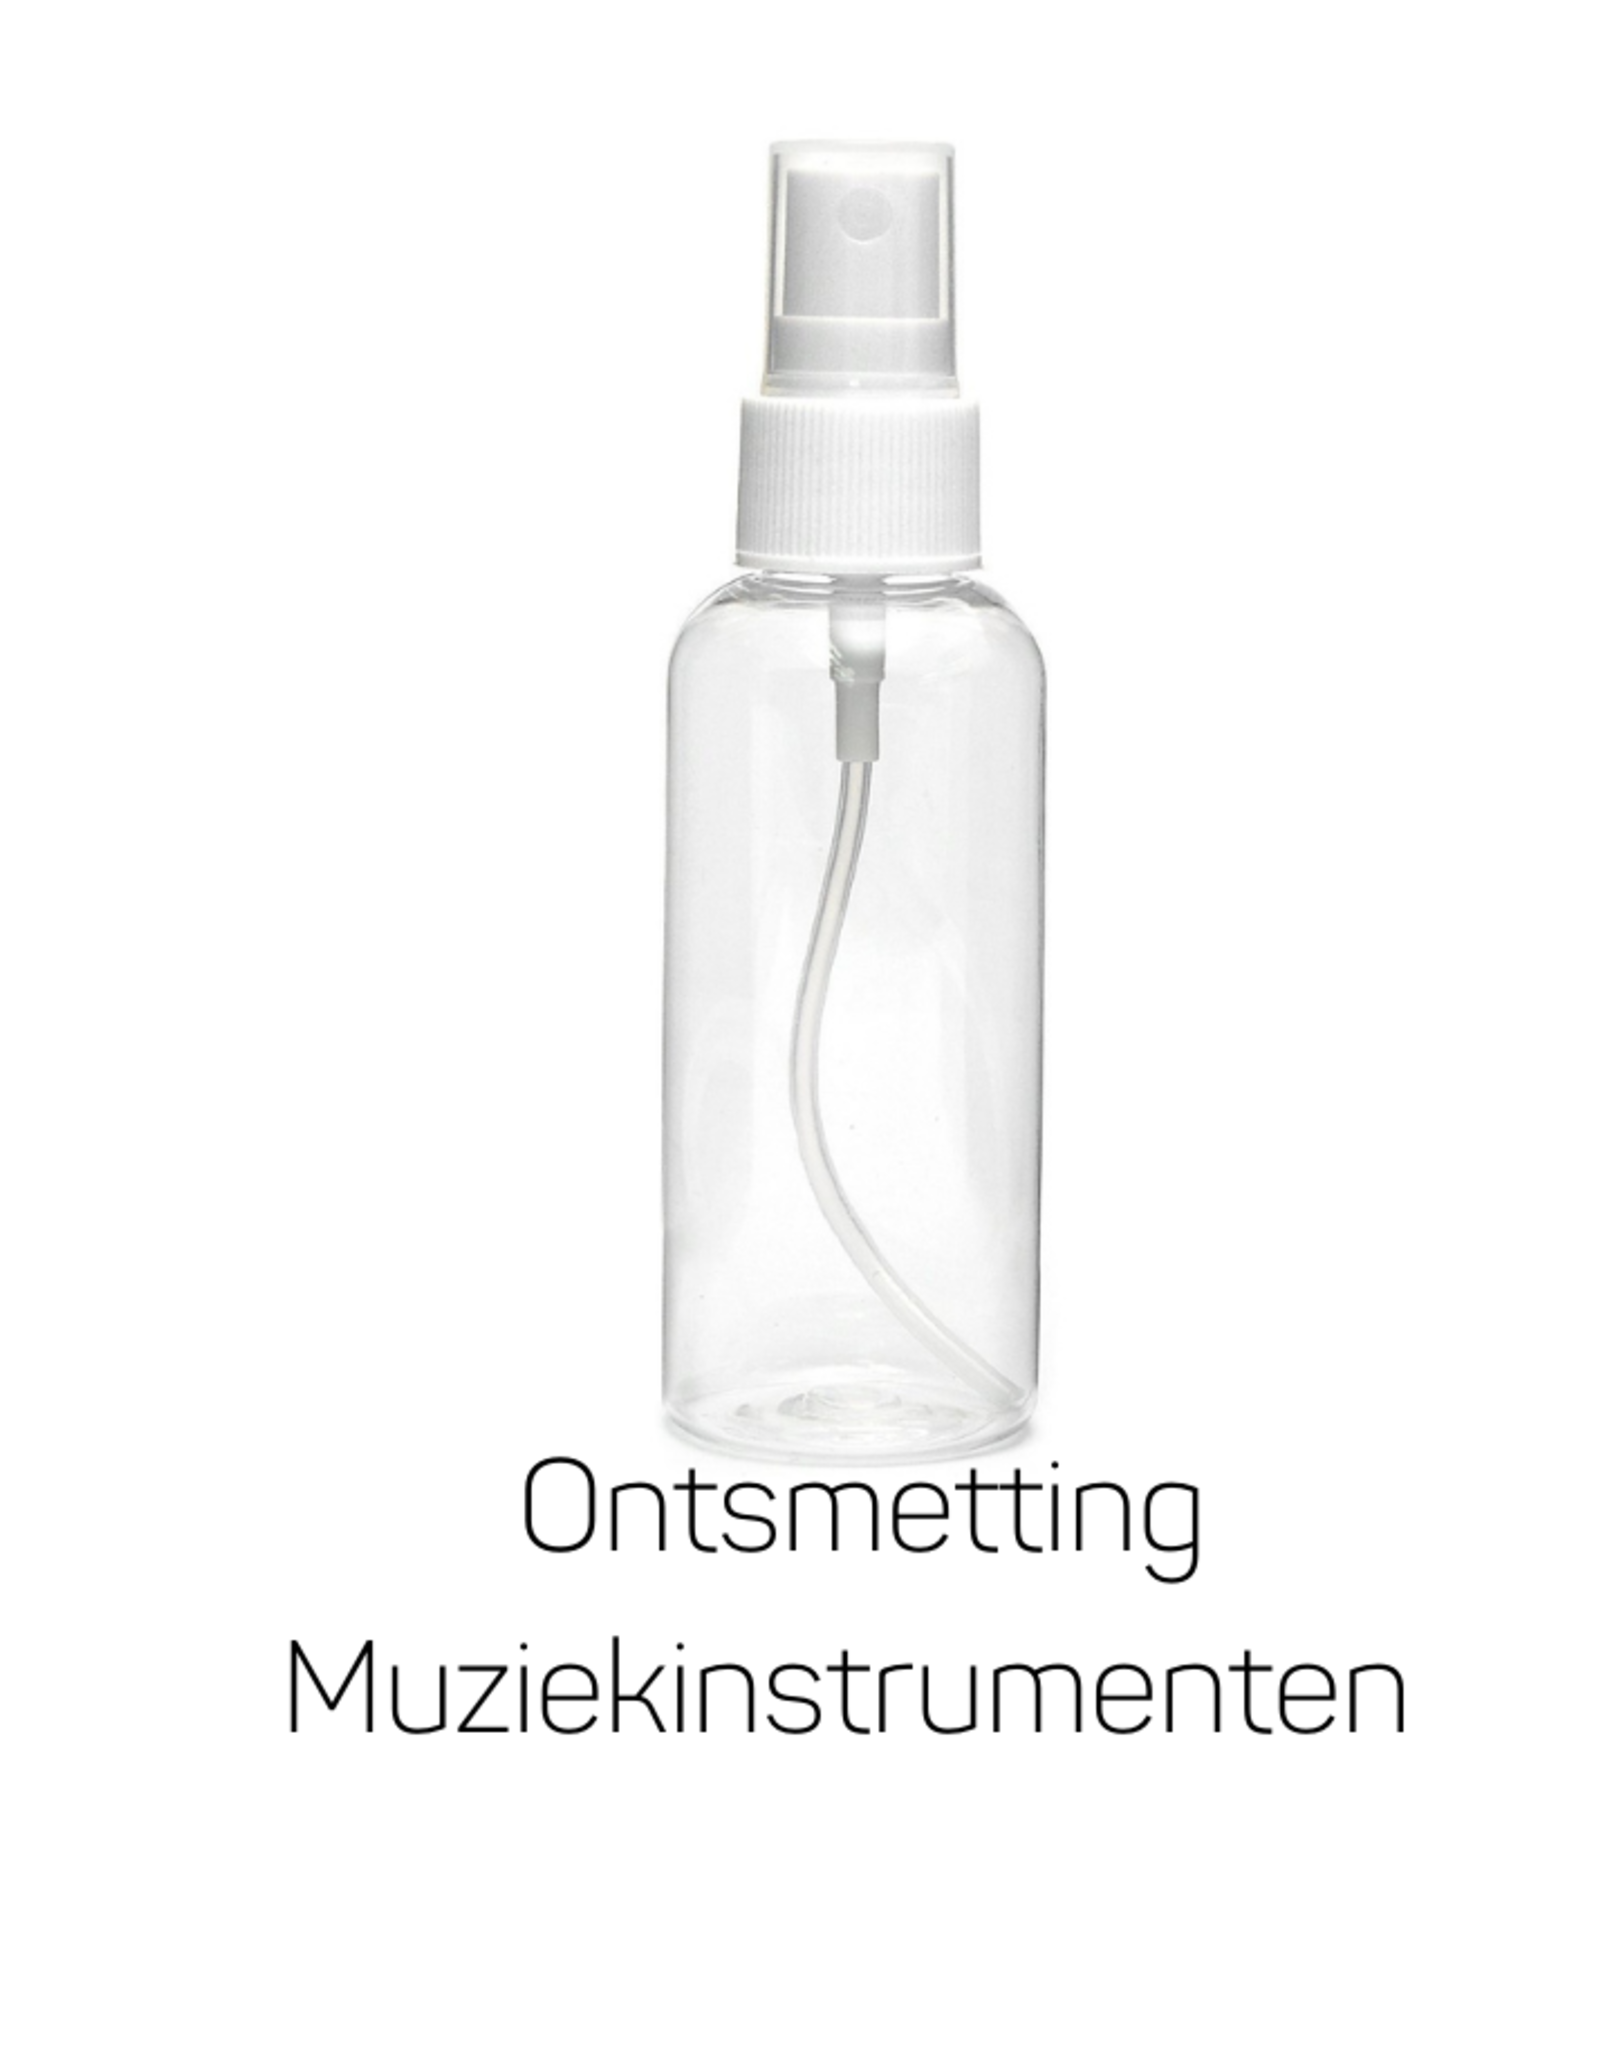 Ontsmettingsvloeistof voor Muziekinstrumenten.  250ml in spray